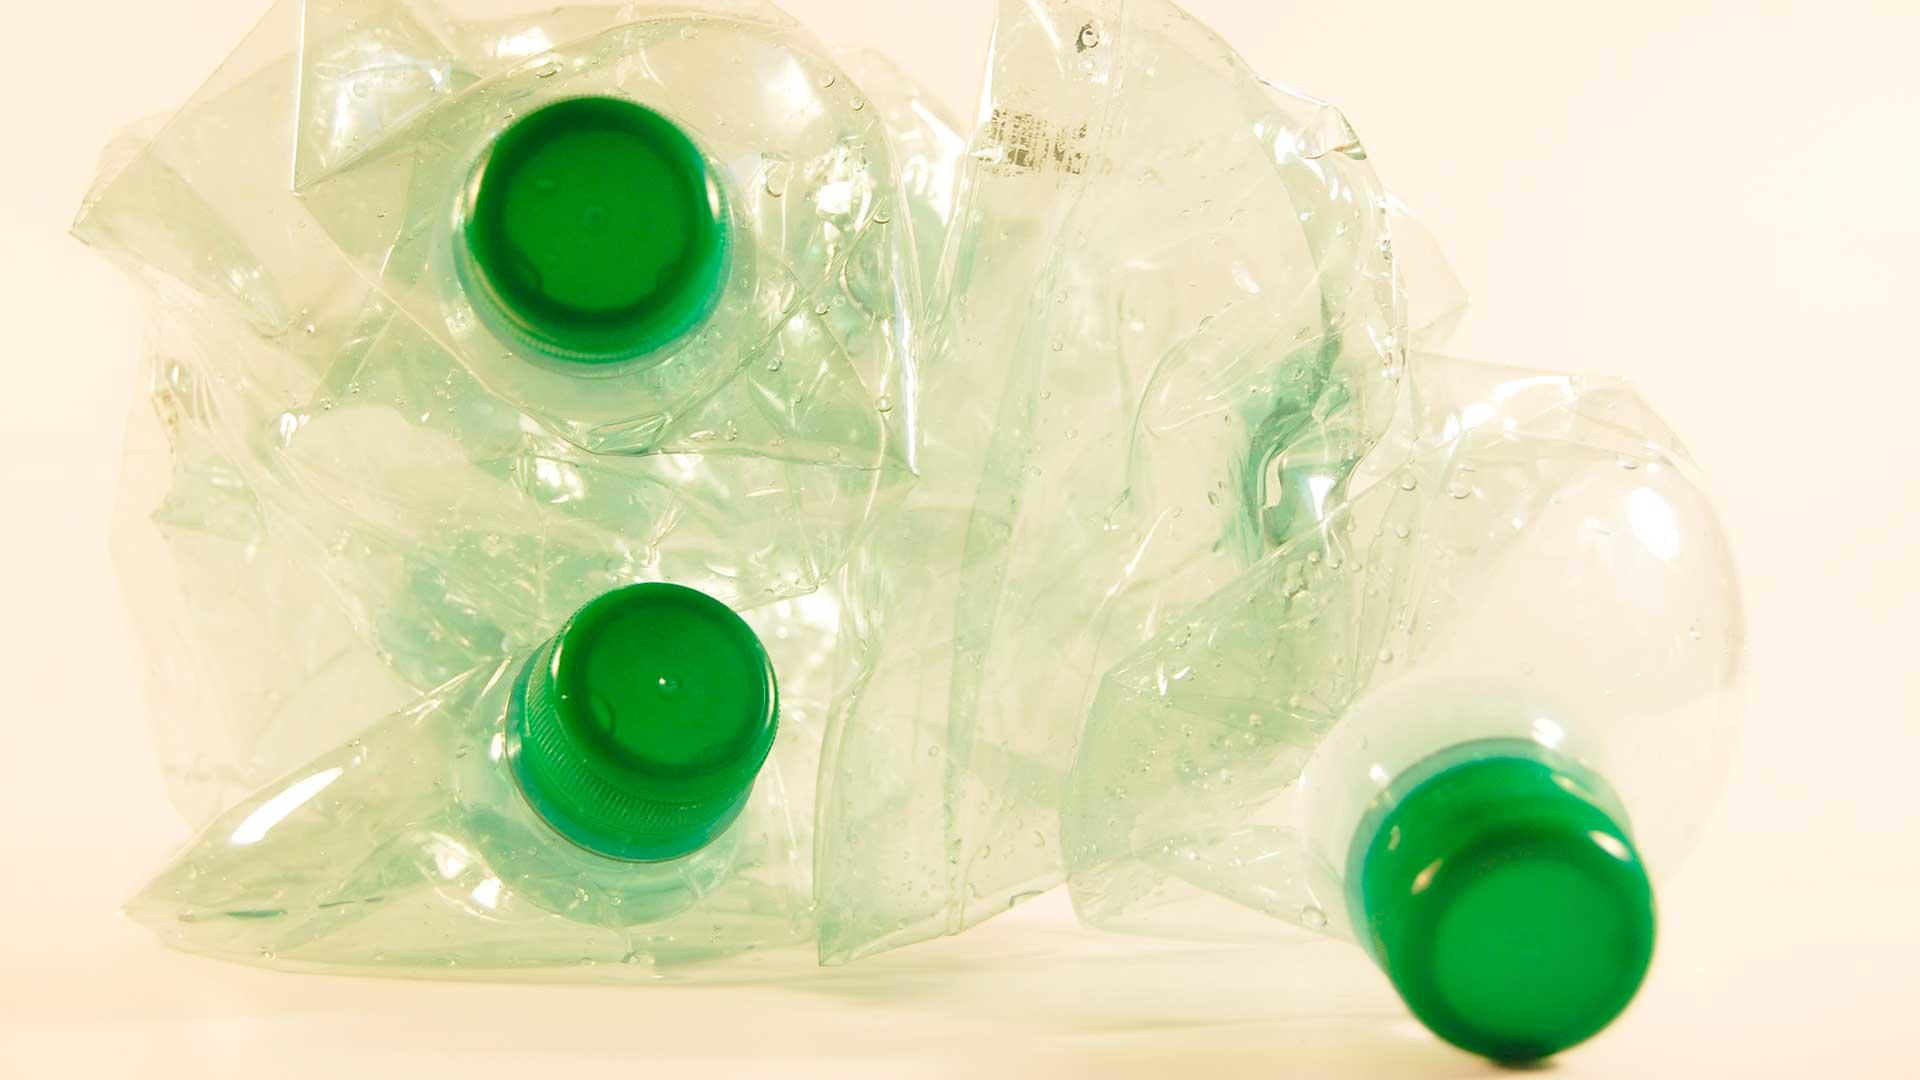 Substitució d'envasos plàstics